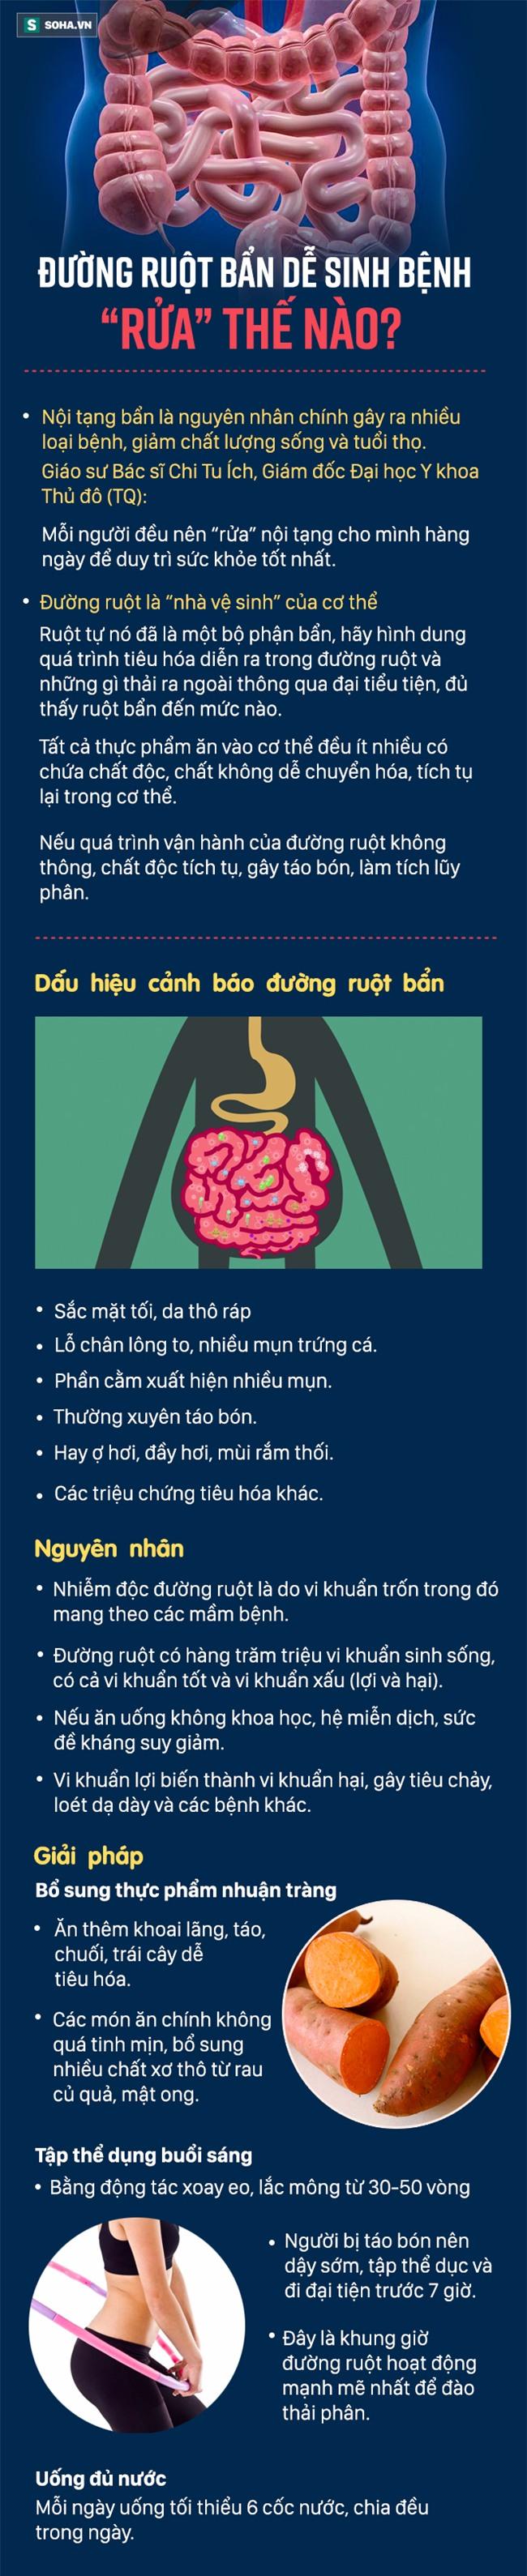 [Đọc nhanh] Danh y chỉ lý do gây bẩn đường ruột, cách làm sạch ruột ai cũng nên thực hiện - Ảnh 1.